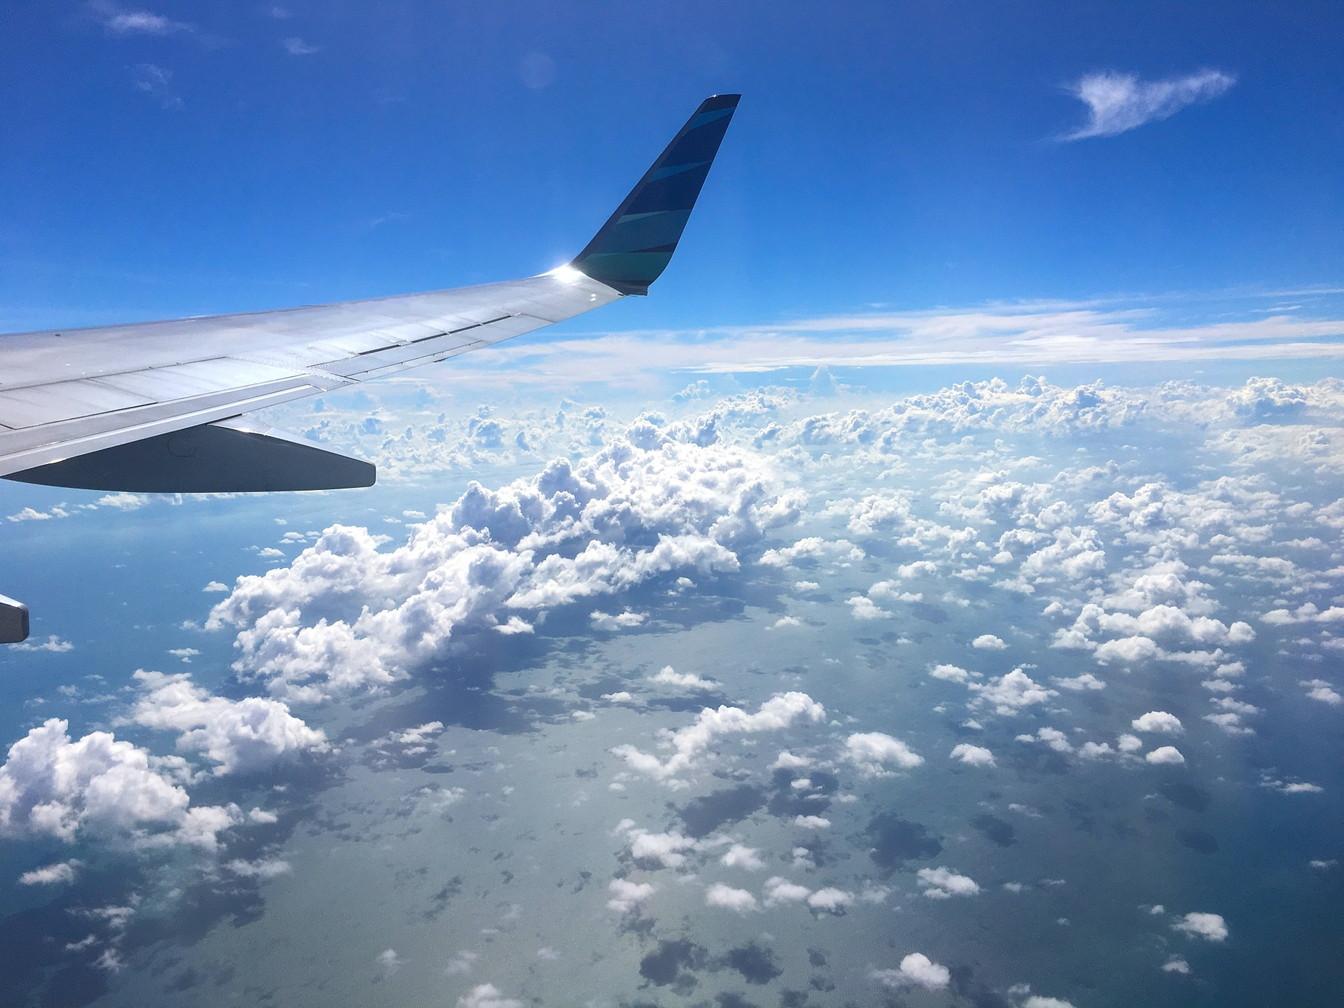 東京-松山間を飛行機で!東京-松山間の料金と時間はどれ ...